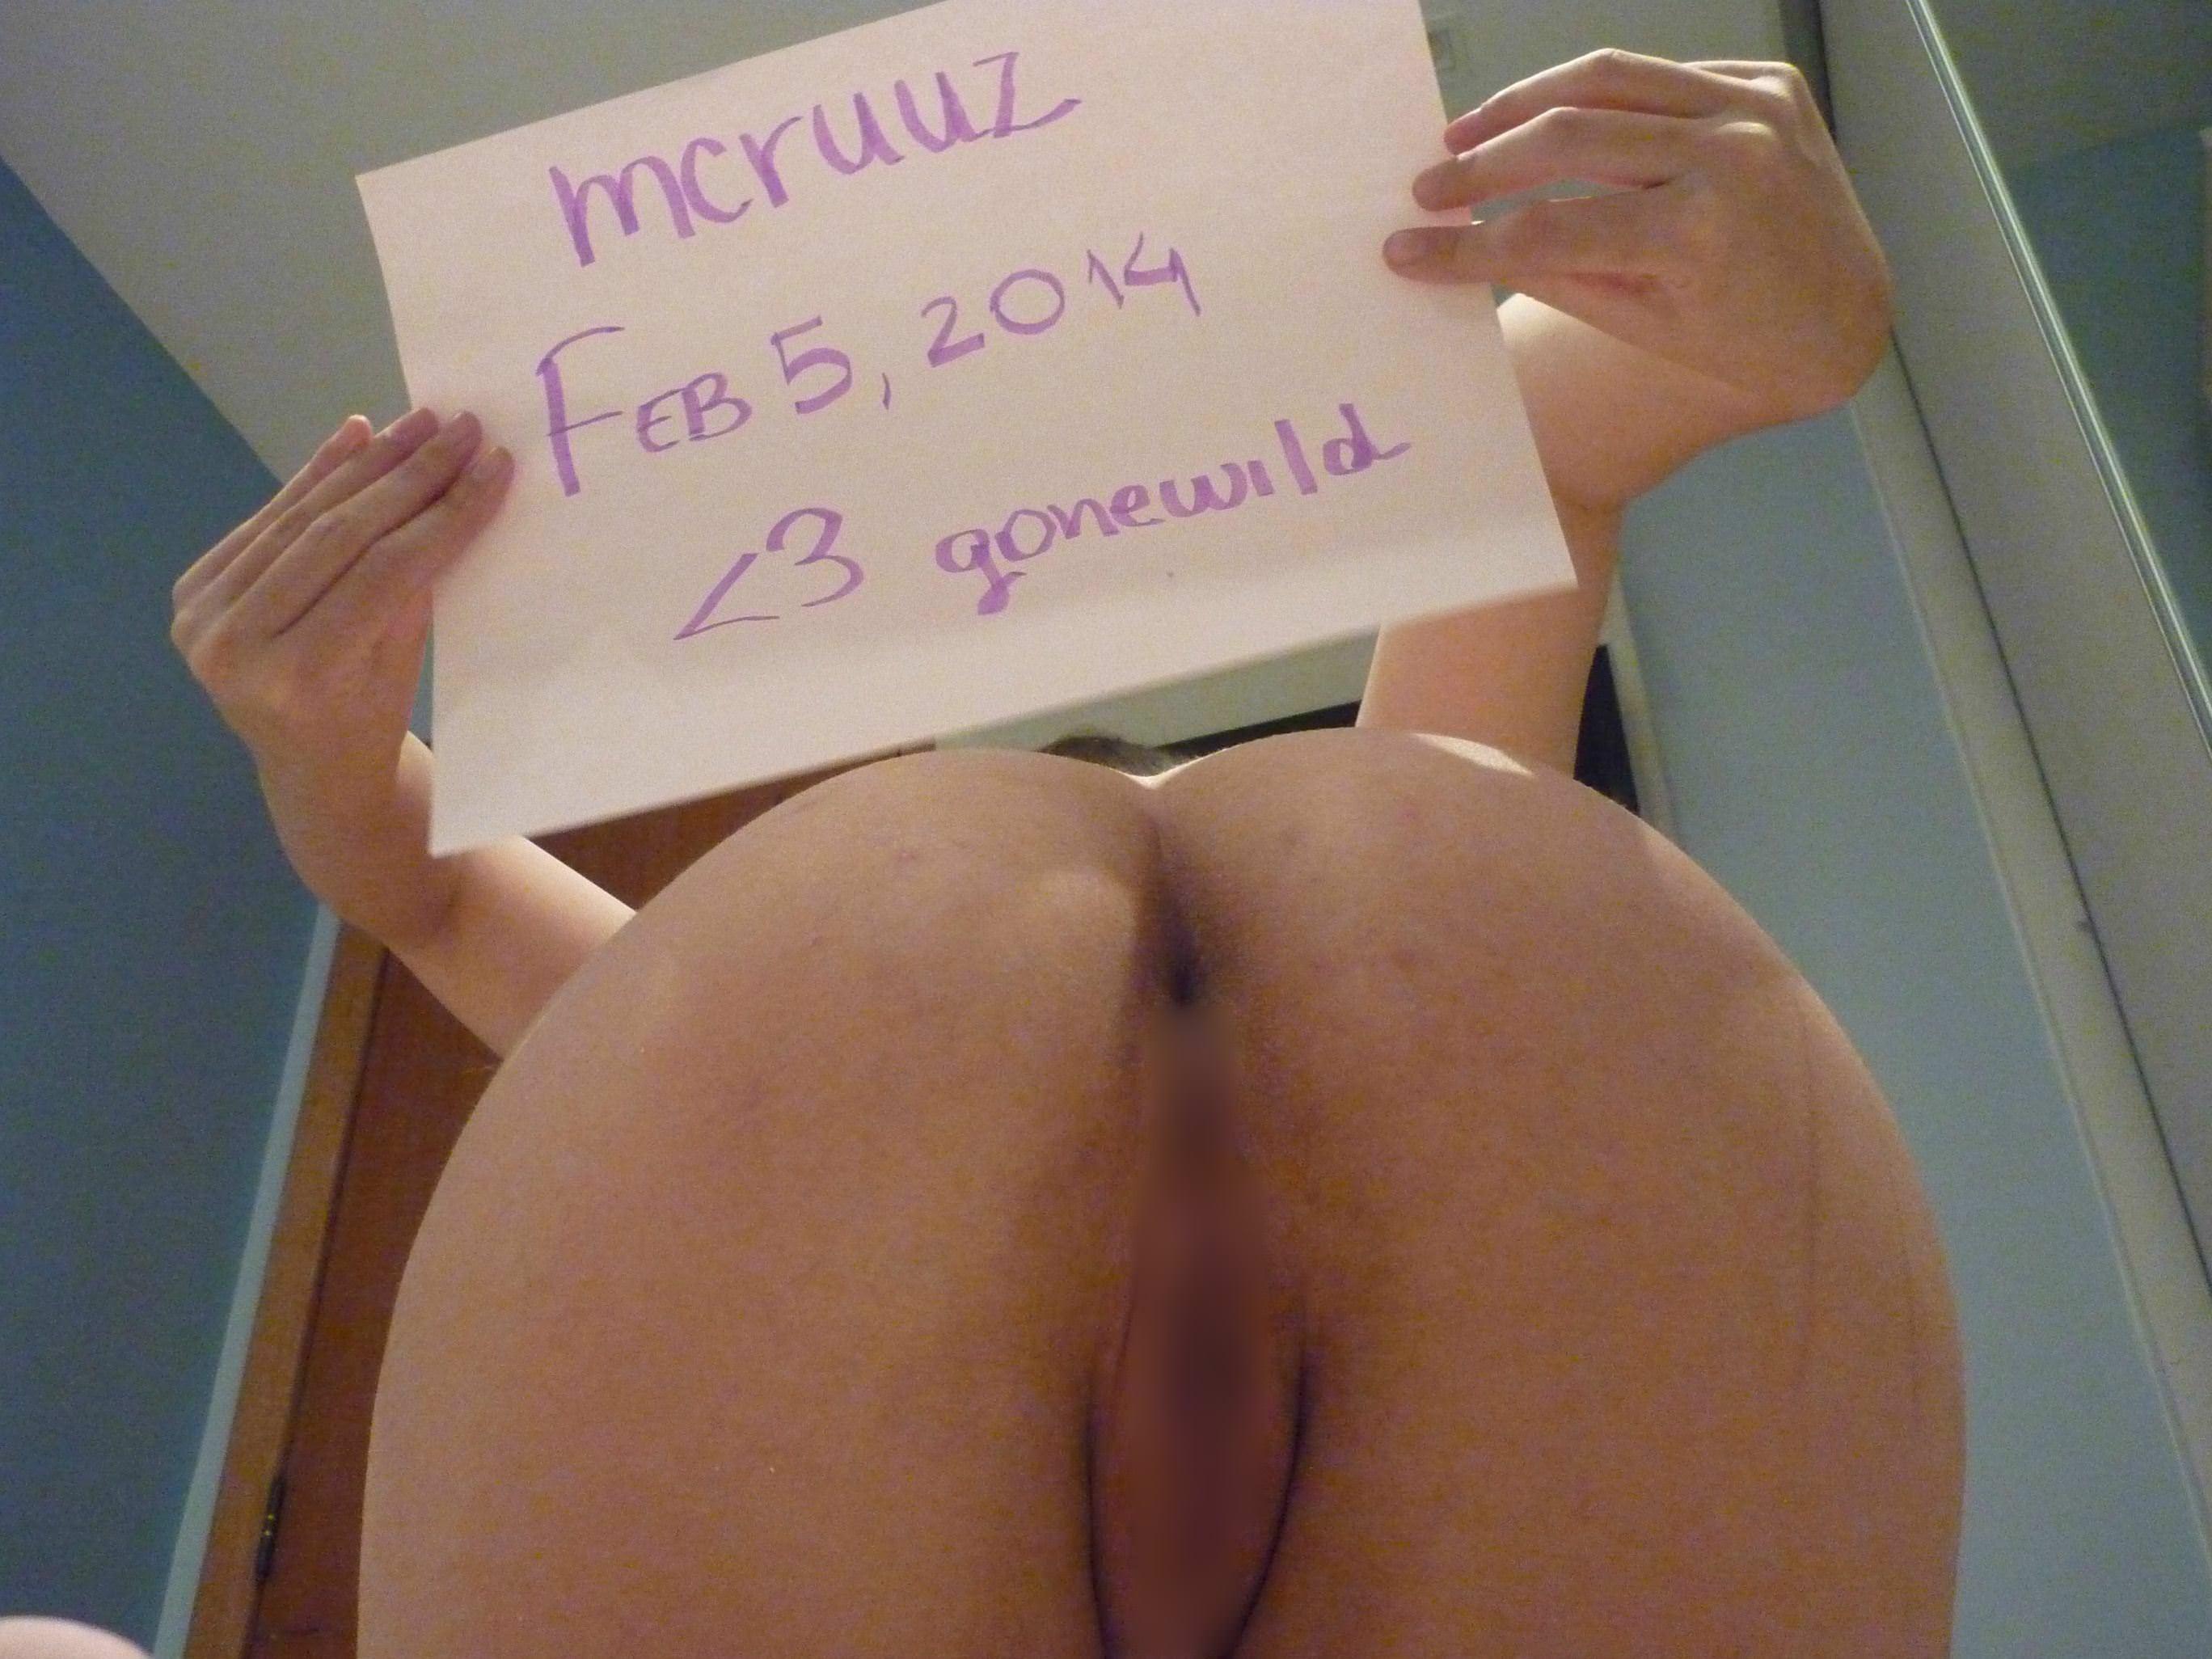 【外人】海外掲示板におまんこパックリ御開帳してさらすブラジル人素人美女の自画撮りポルノ画像 5219